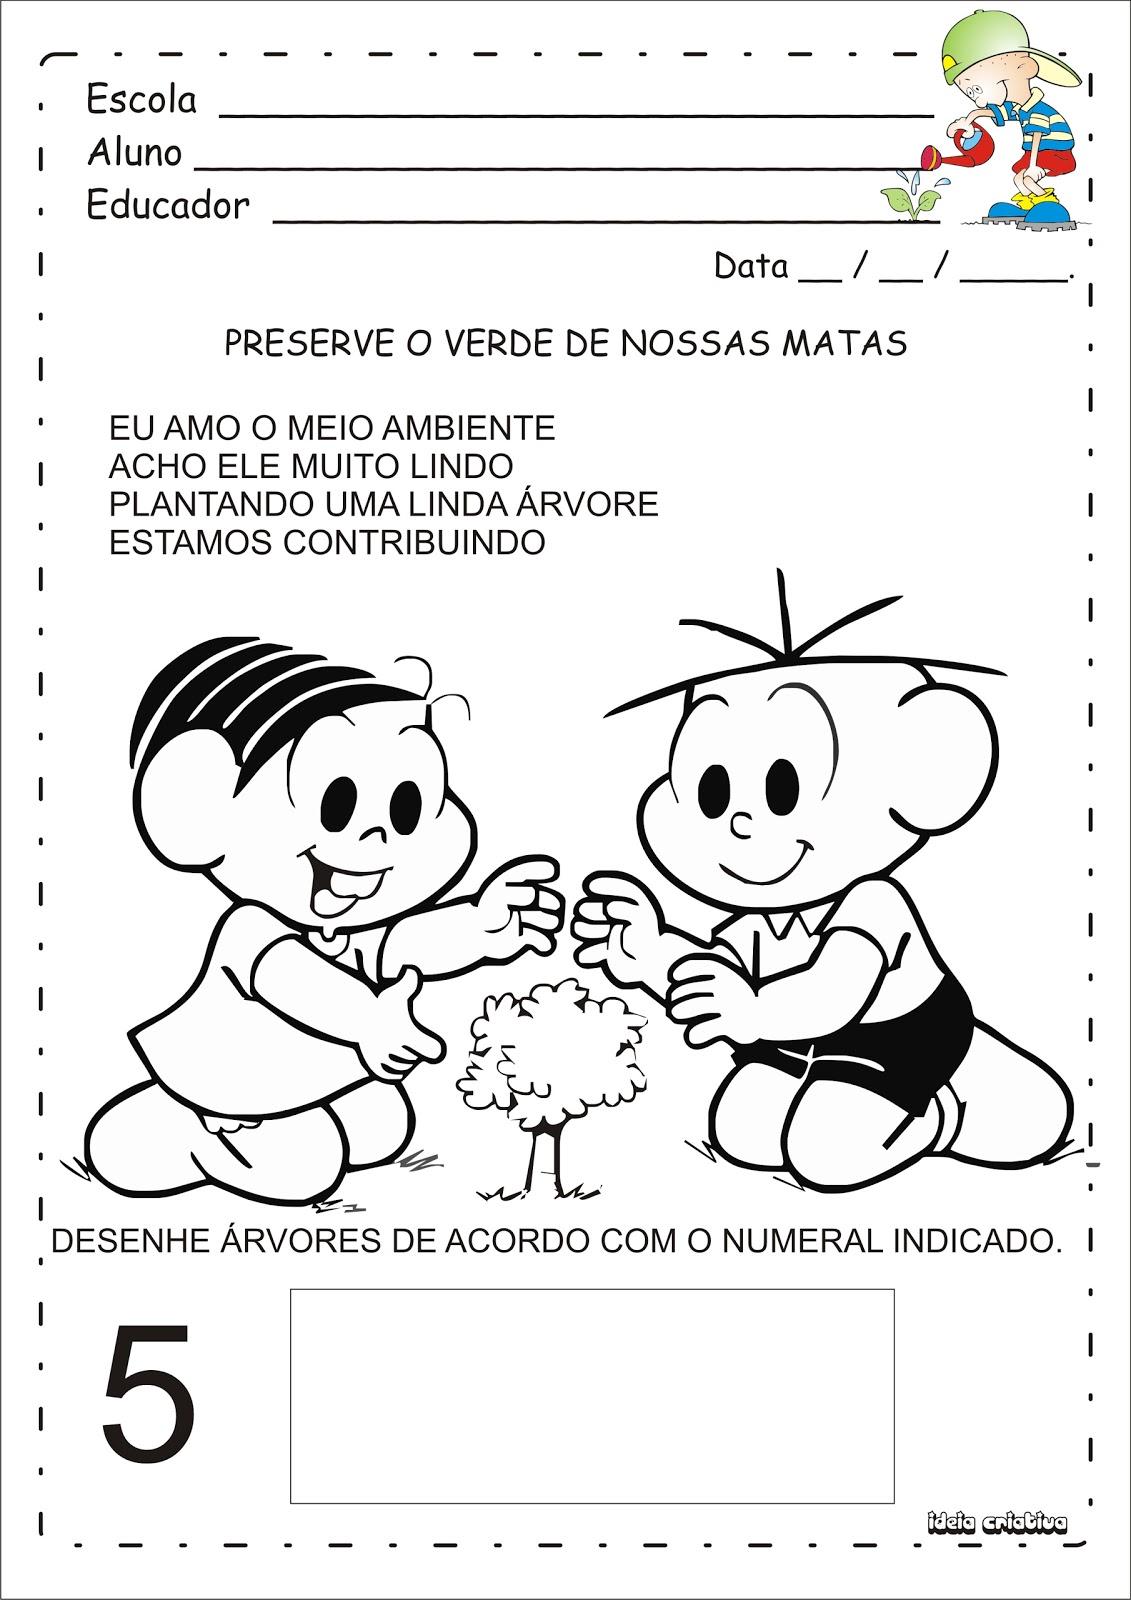 Atividade Meio Ambiente Pra Educacao Infantil